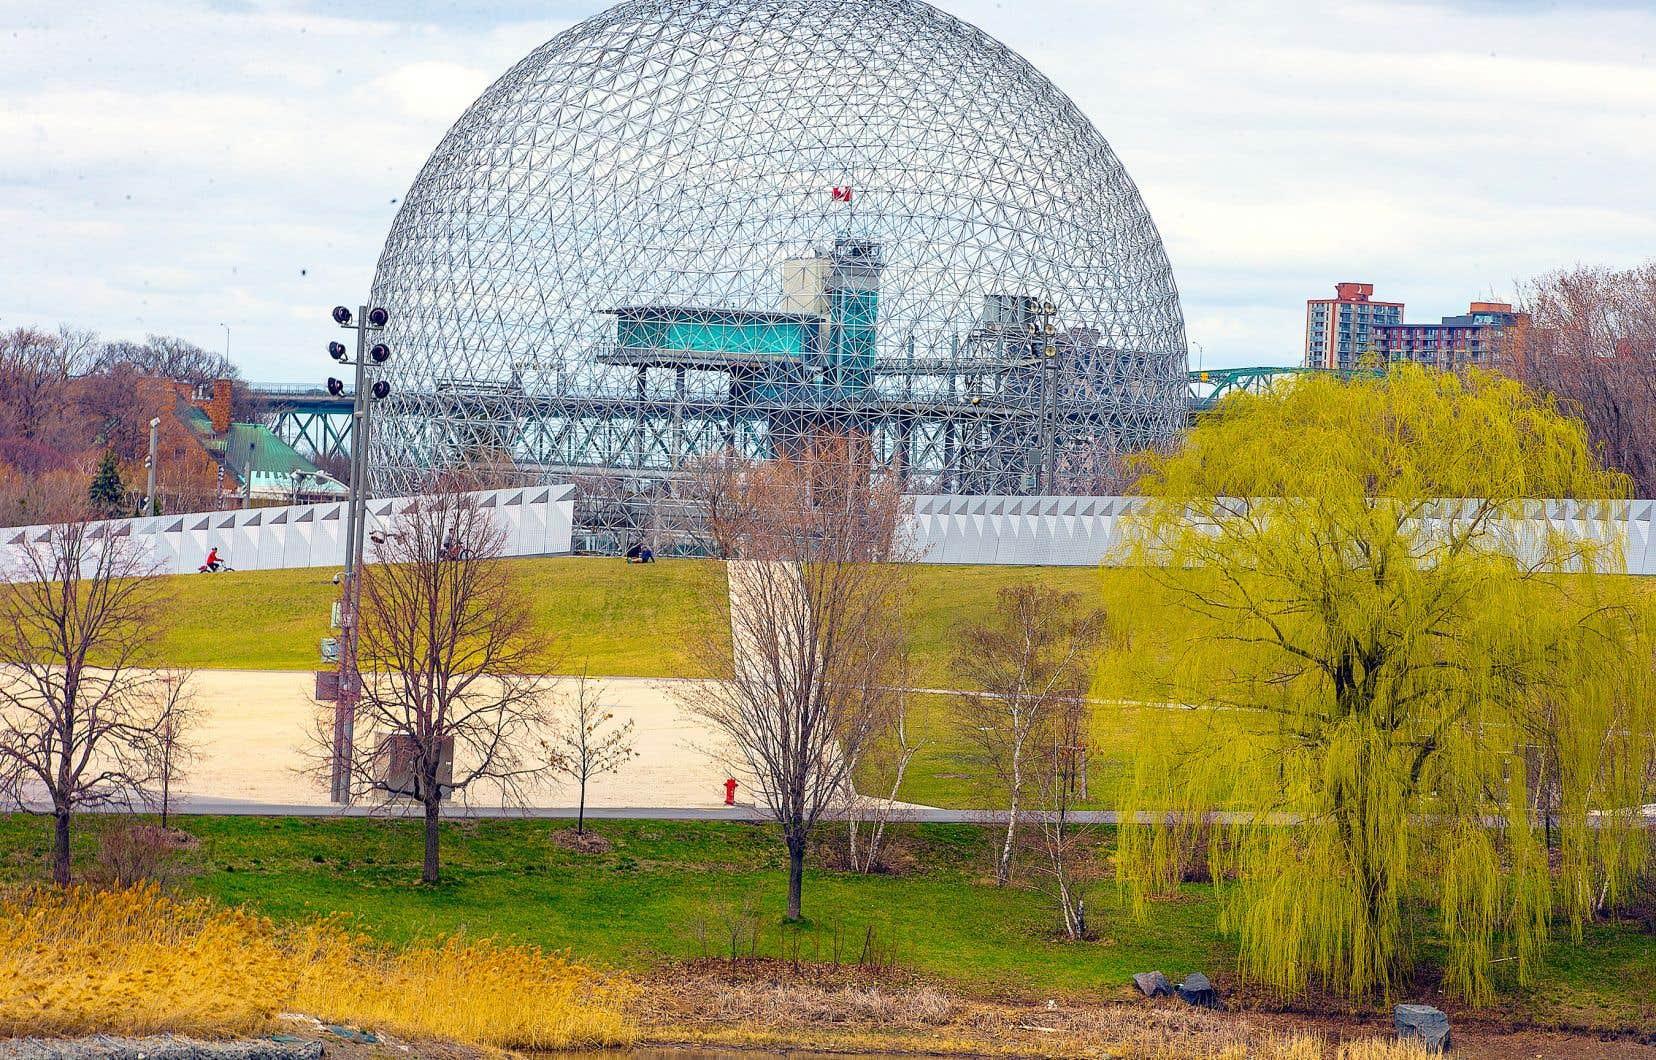 Une somme de 15 millions de dollars sera consacrée à l'entretien et aux travaux de rénovation de la Biosphère. La somme restante de 30 millions financera les opérations et la présentation d'expositions pendant cinq ans, a expliqué lundi la mairesse Valérie Plante.